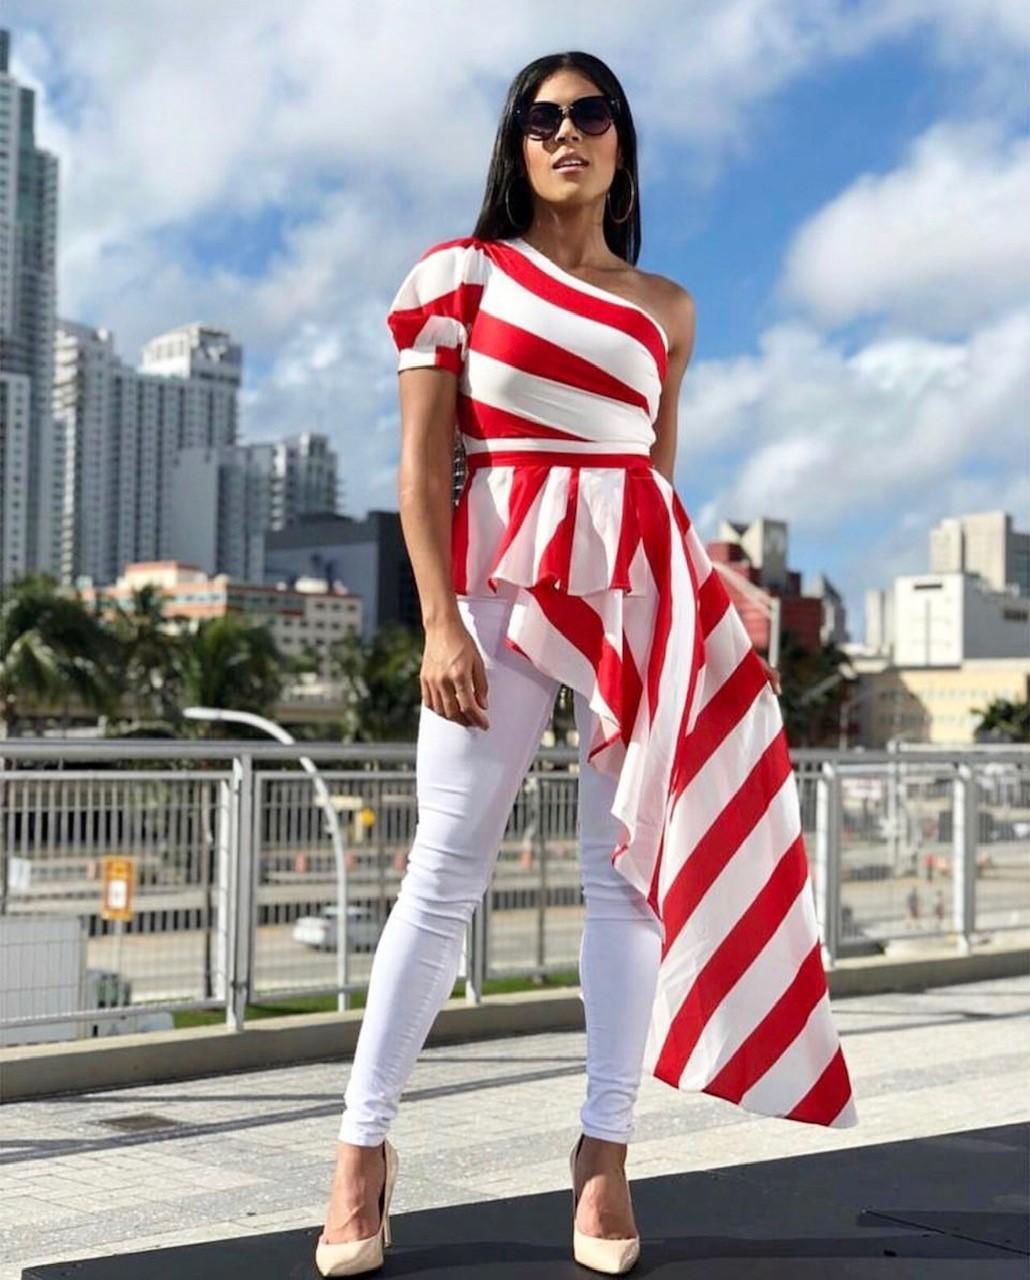 los mejores looks patrioticos para celebrar el día de la independencia